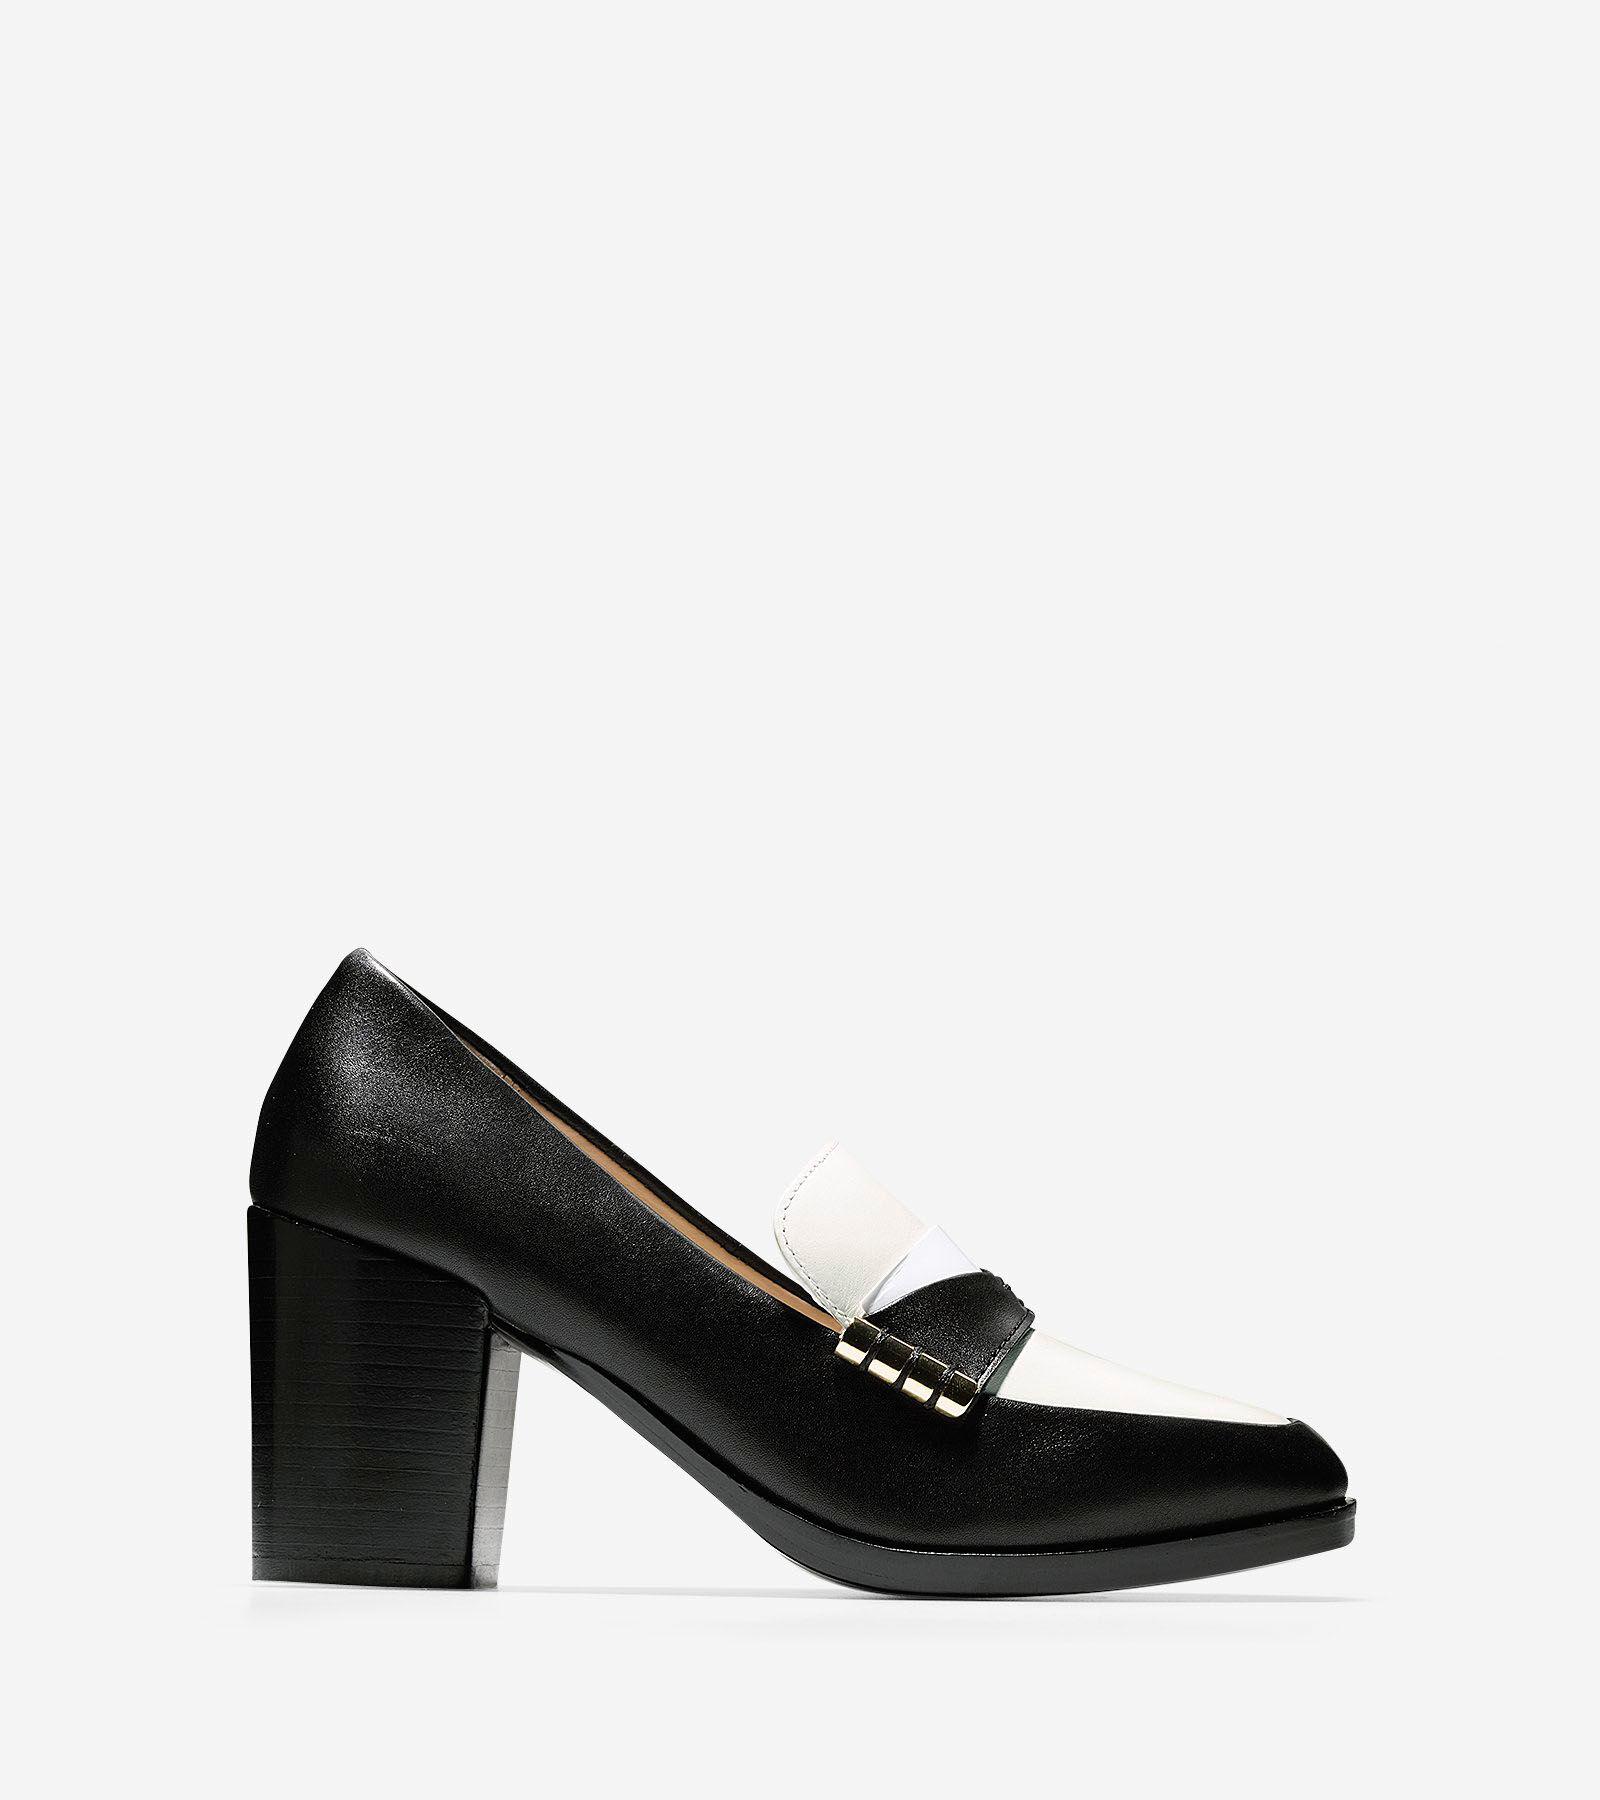 Black Leather Kitten Heel Shoes